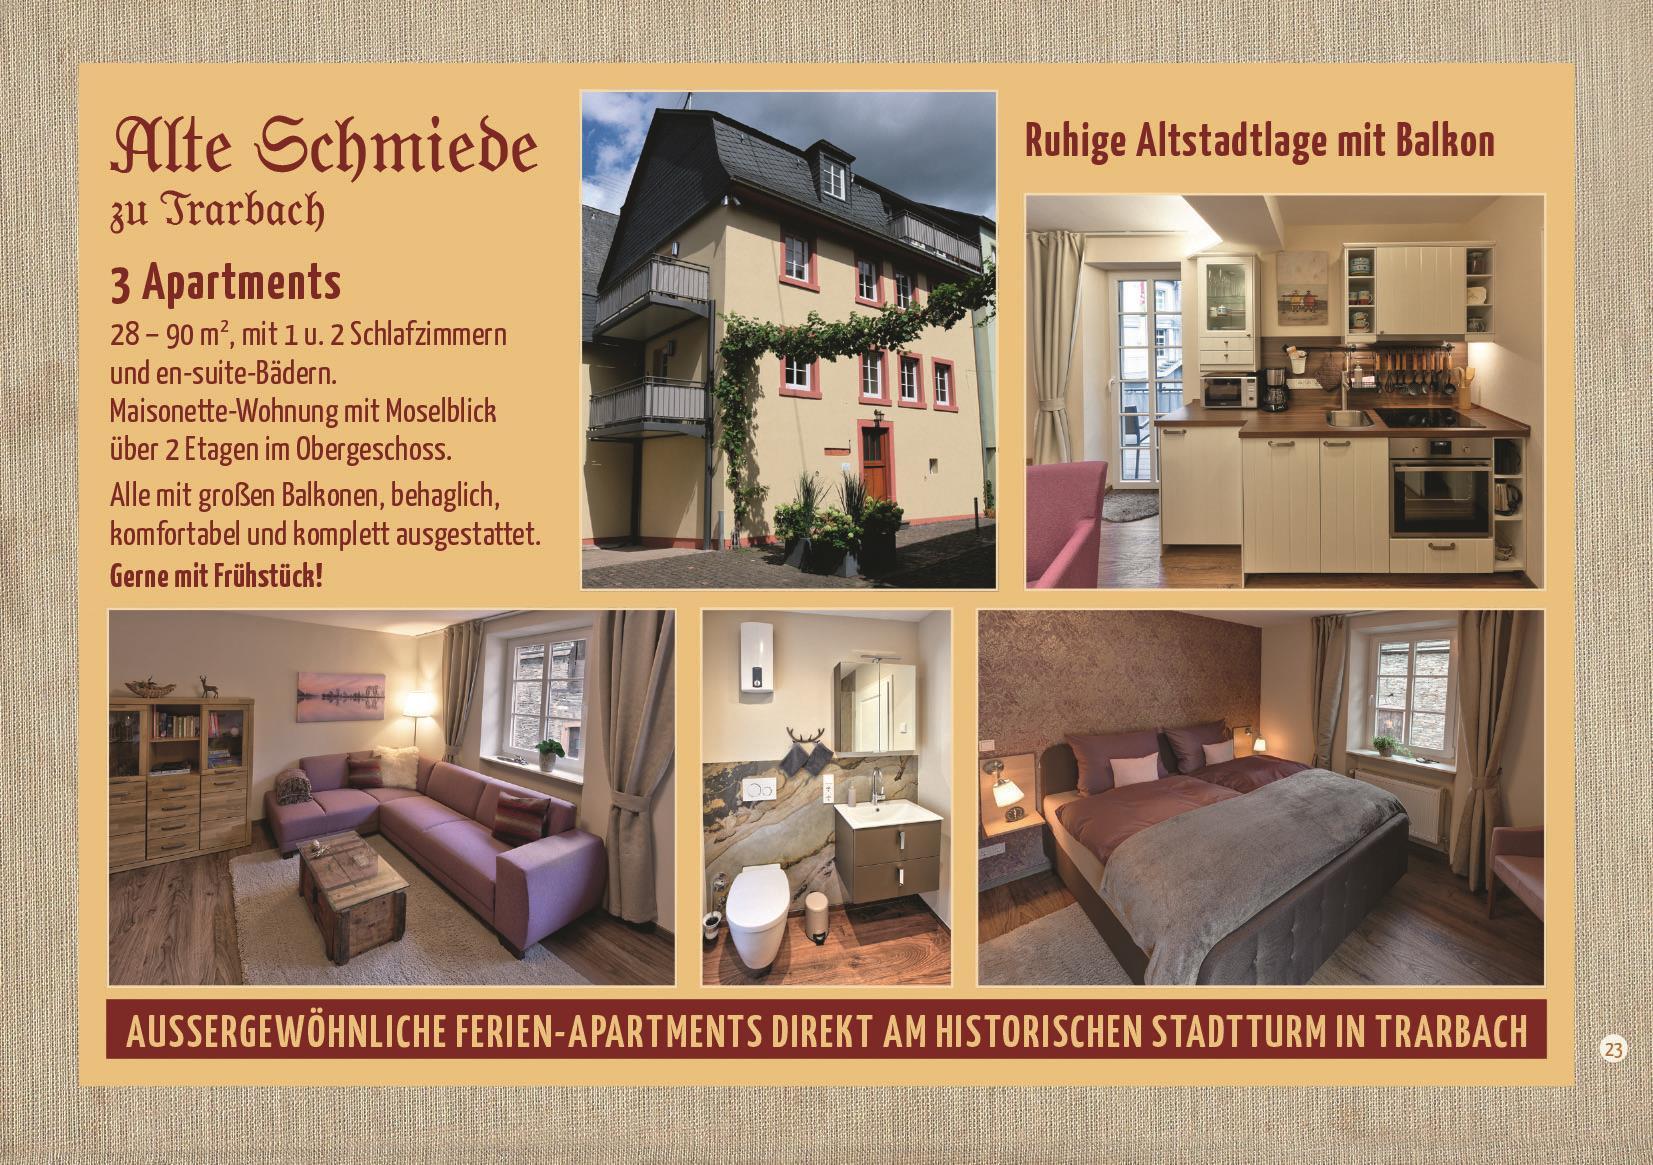 Apartments Alte Schmiede_low